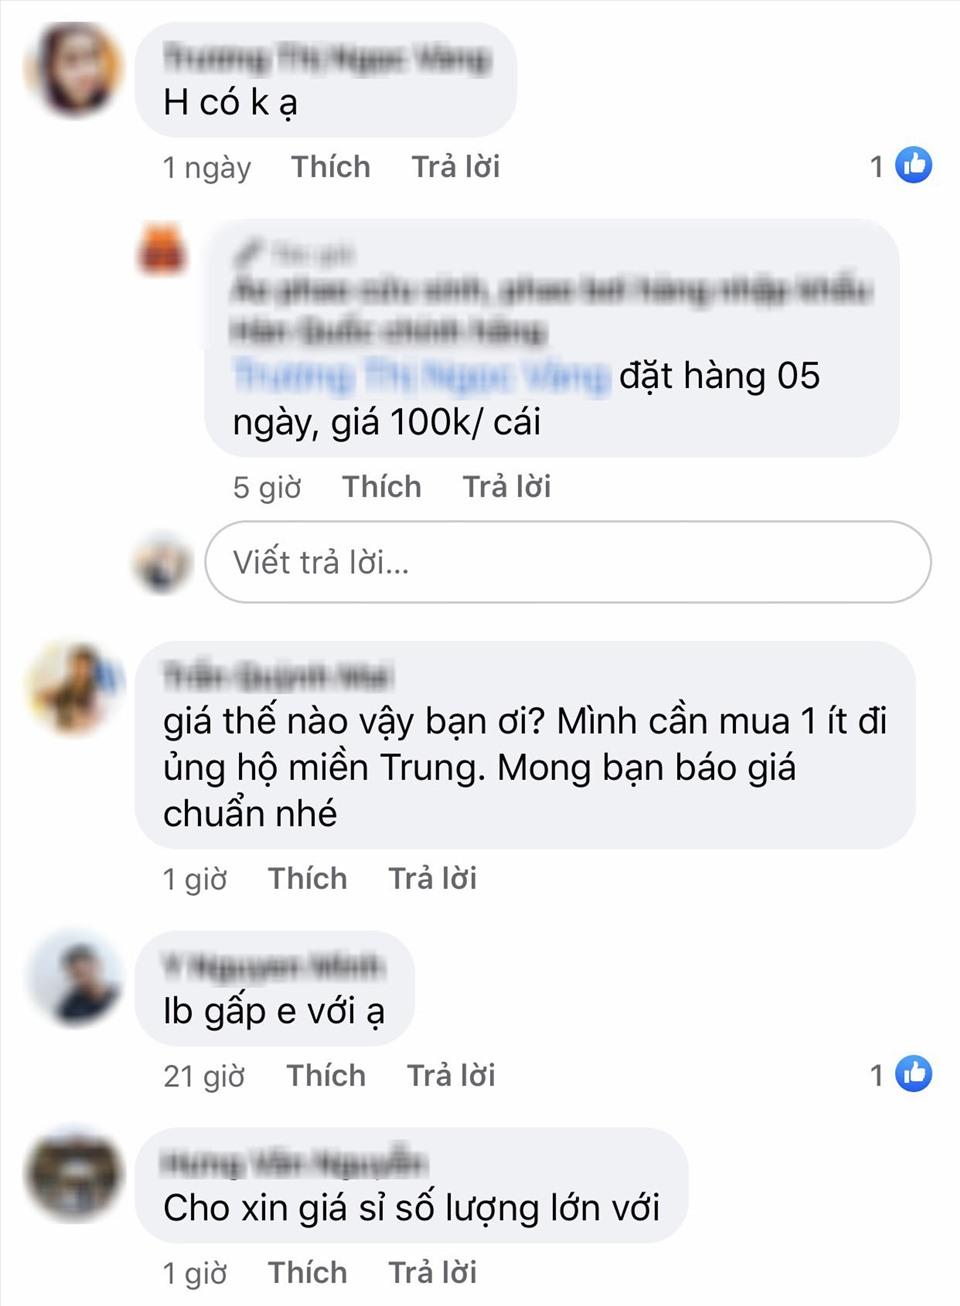 """Hà Nội: Áo phao cứu sinh cháy hàng, khách muốn đặt mua số lượng lớn phải xếp hàng đợi vài ngày, giá cả bắt đầu """"loạn"""" - Ảnh 4."""